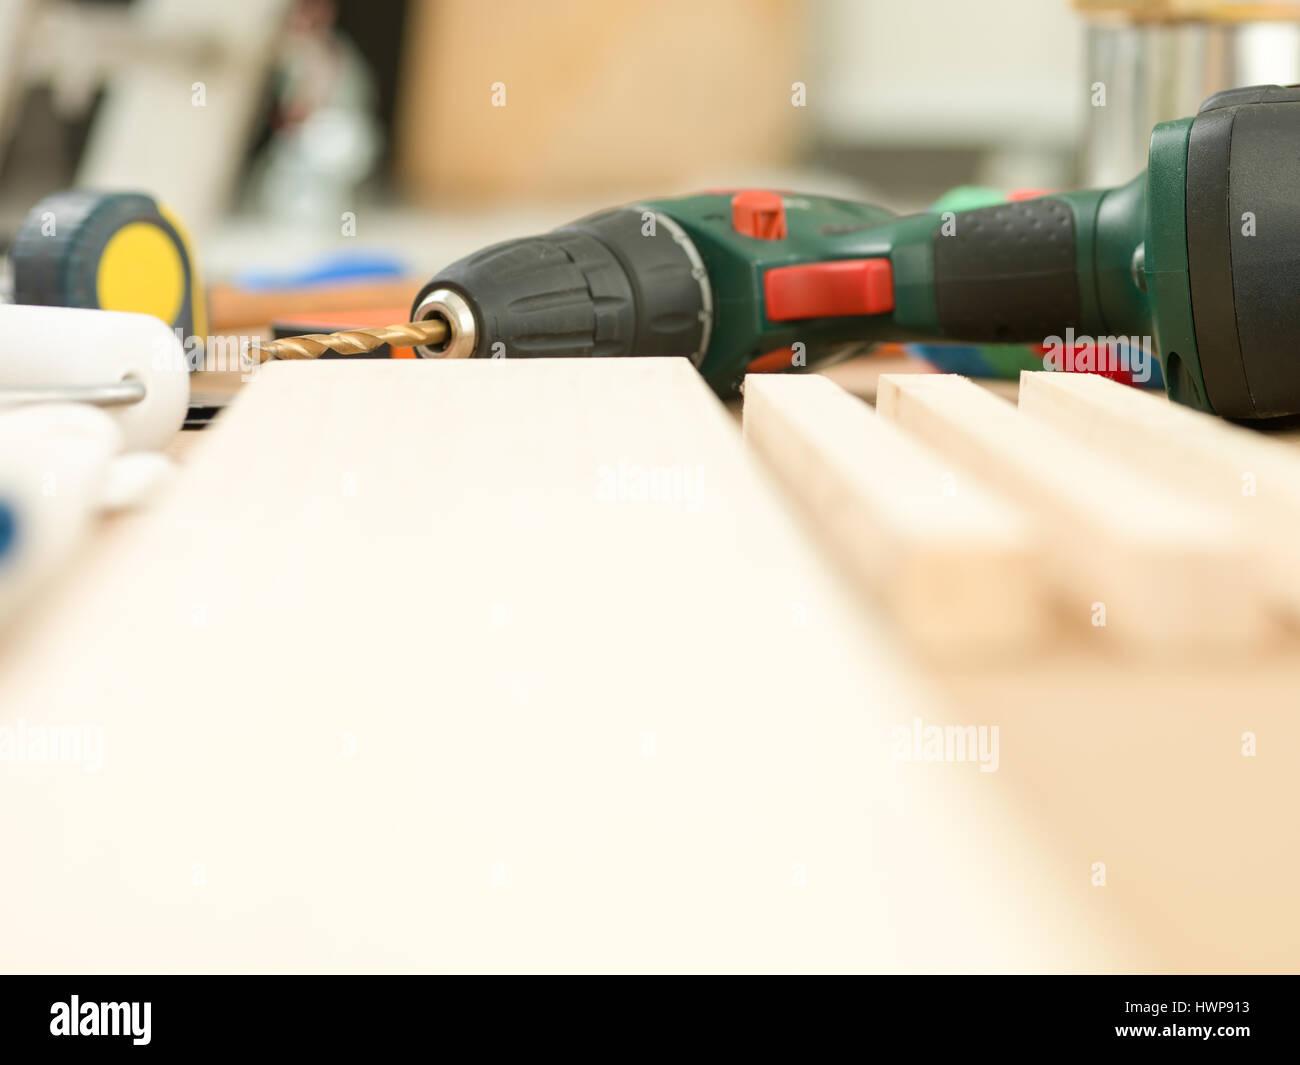 Akku-Bohrschrauber Heimwerkerwerkzeuge Konzept Stockfoto